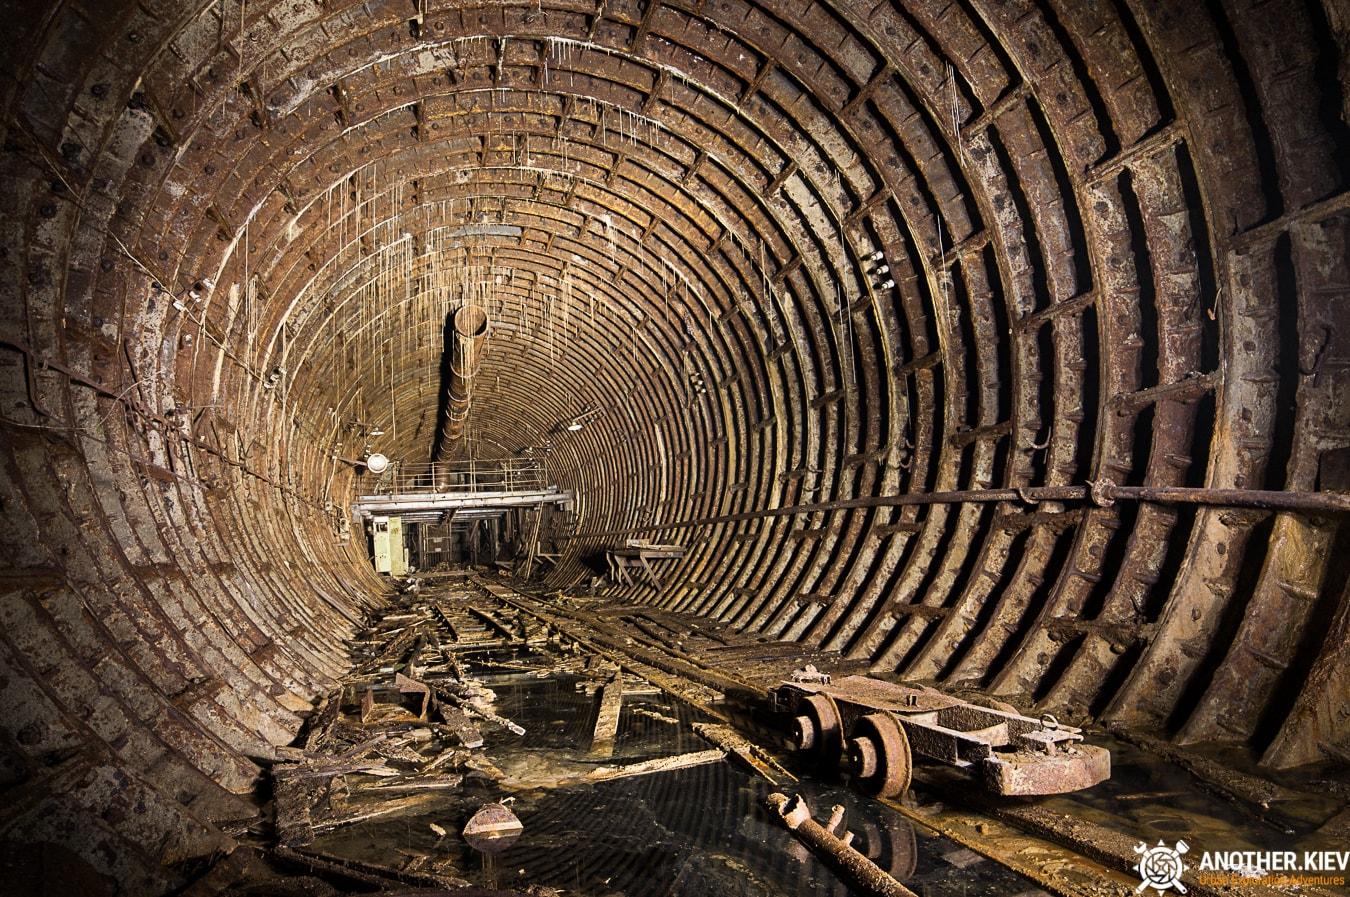 unfinished-abandoned-diesel-power-station-bunker-6884-min Недостроенная и заброшенная дизельная электростанция в киевском метро